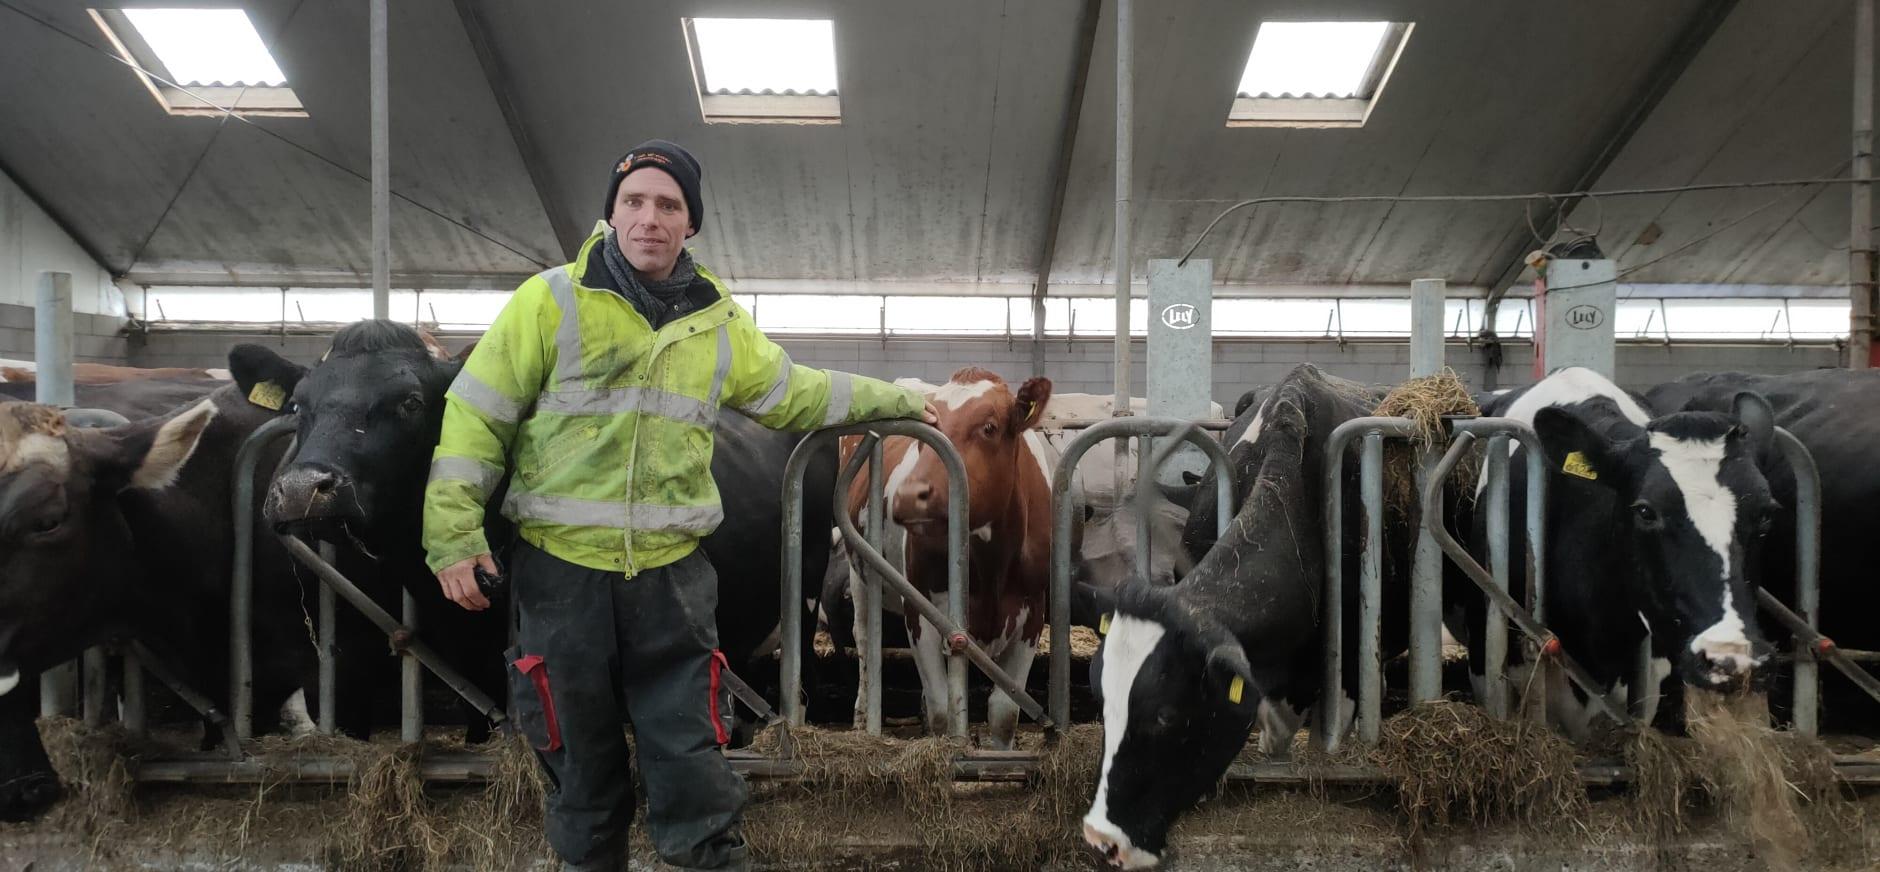 Adopteer een koe bij boer Dirk Gravesteyn